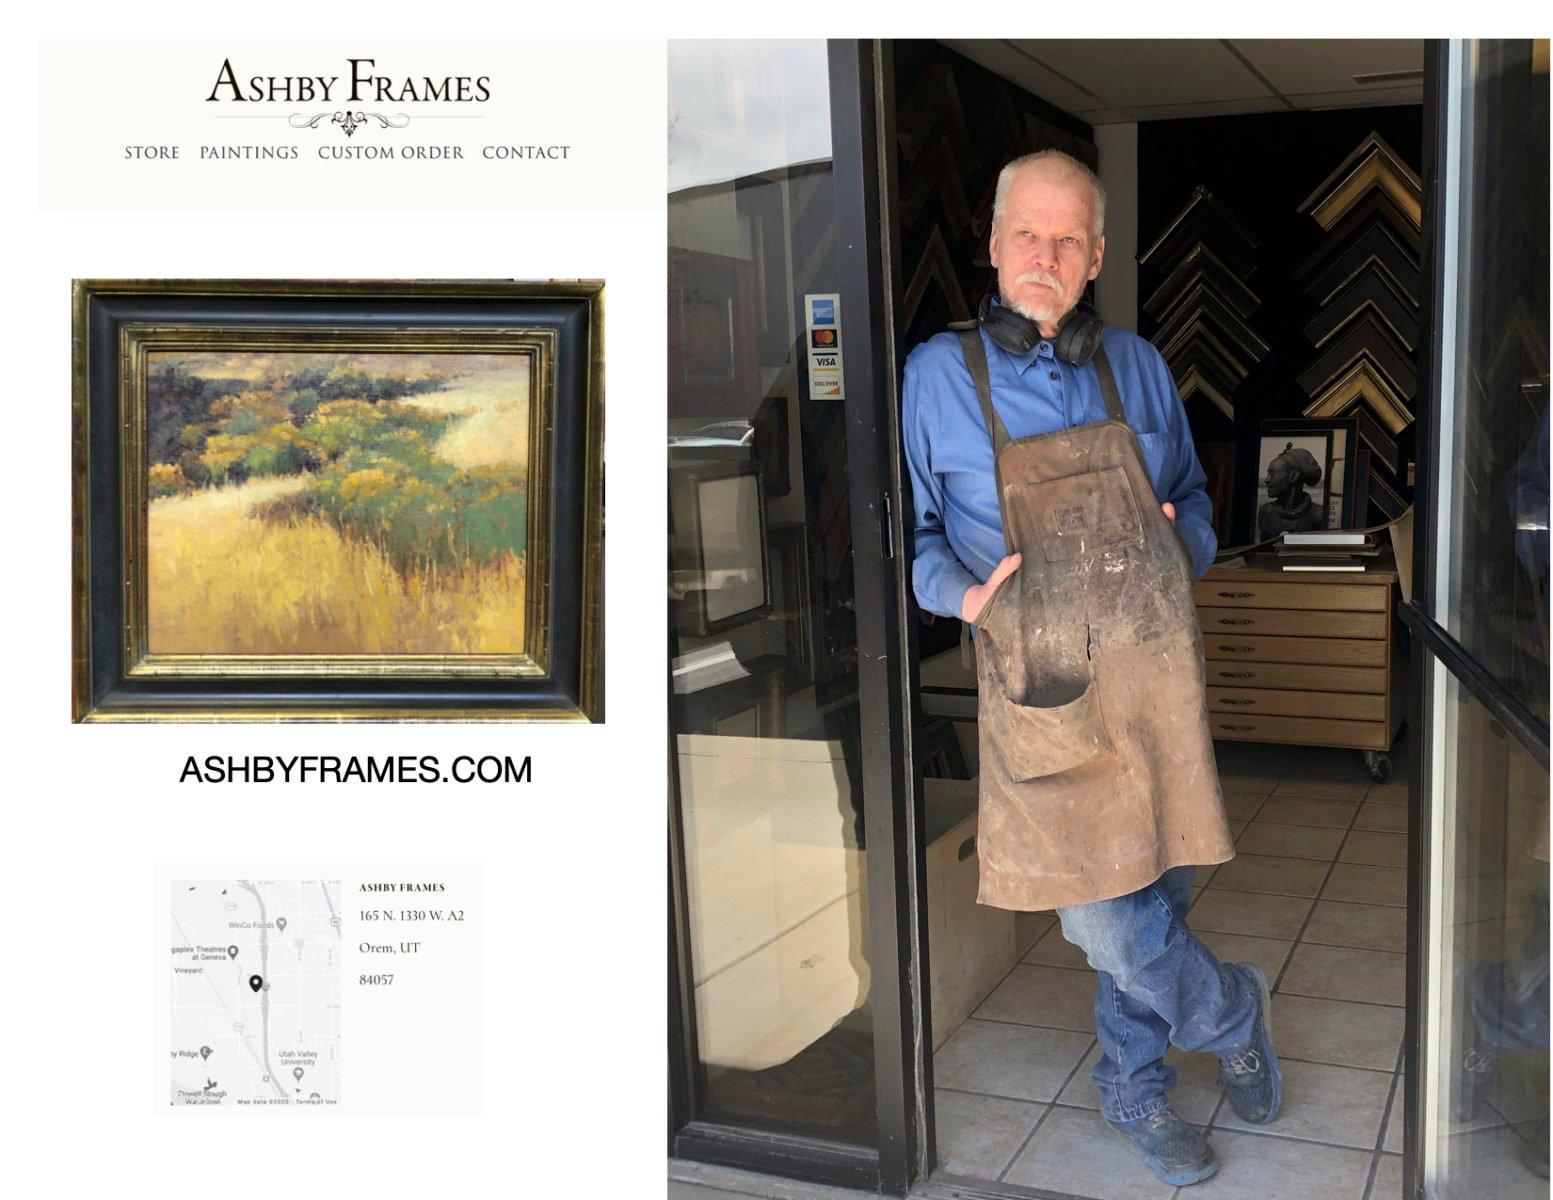 Ashby Frames Information